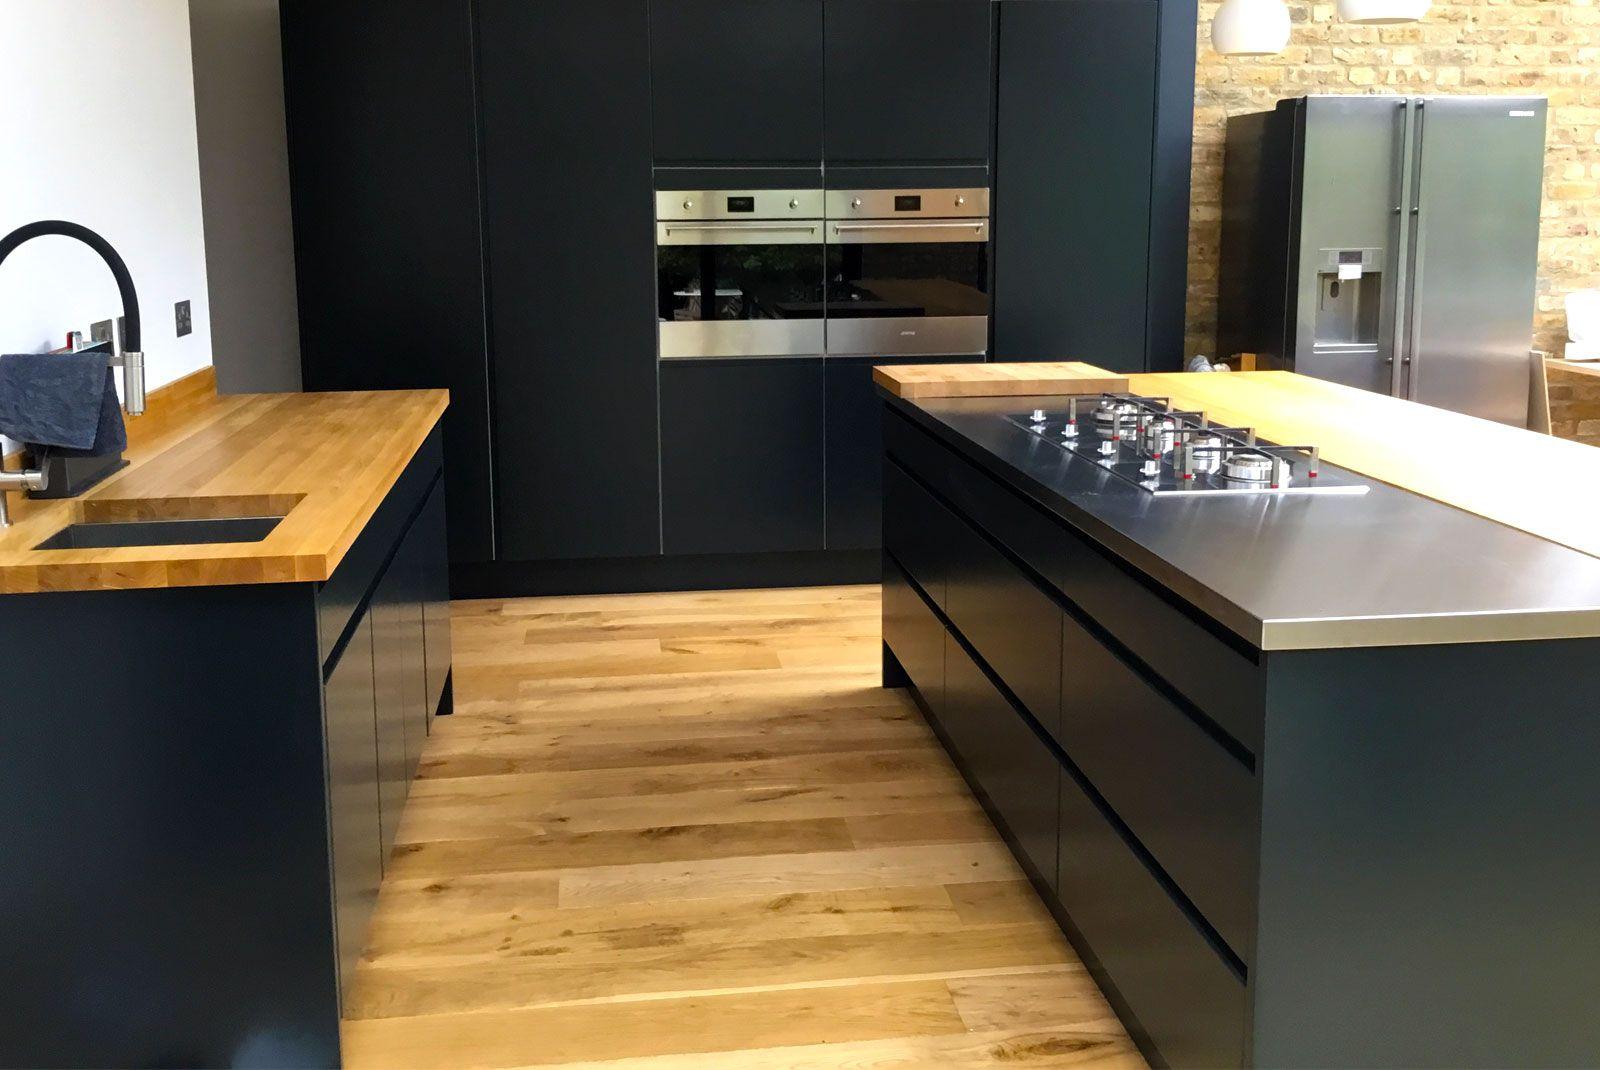 An Innova Luca Bespoke Painted Handleless Kitchen New